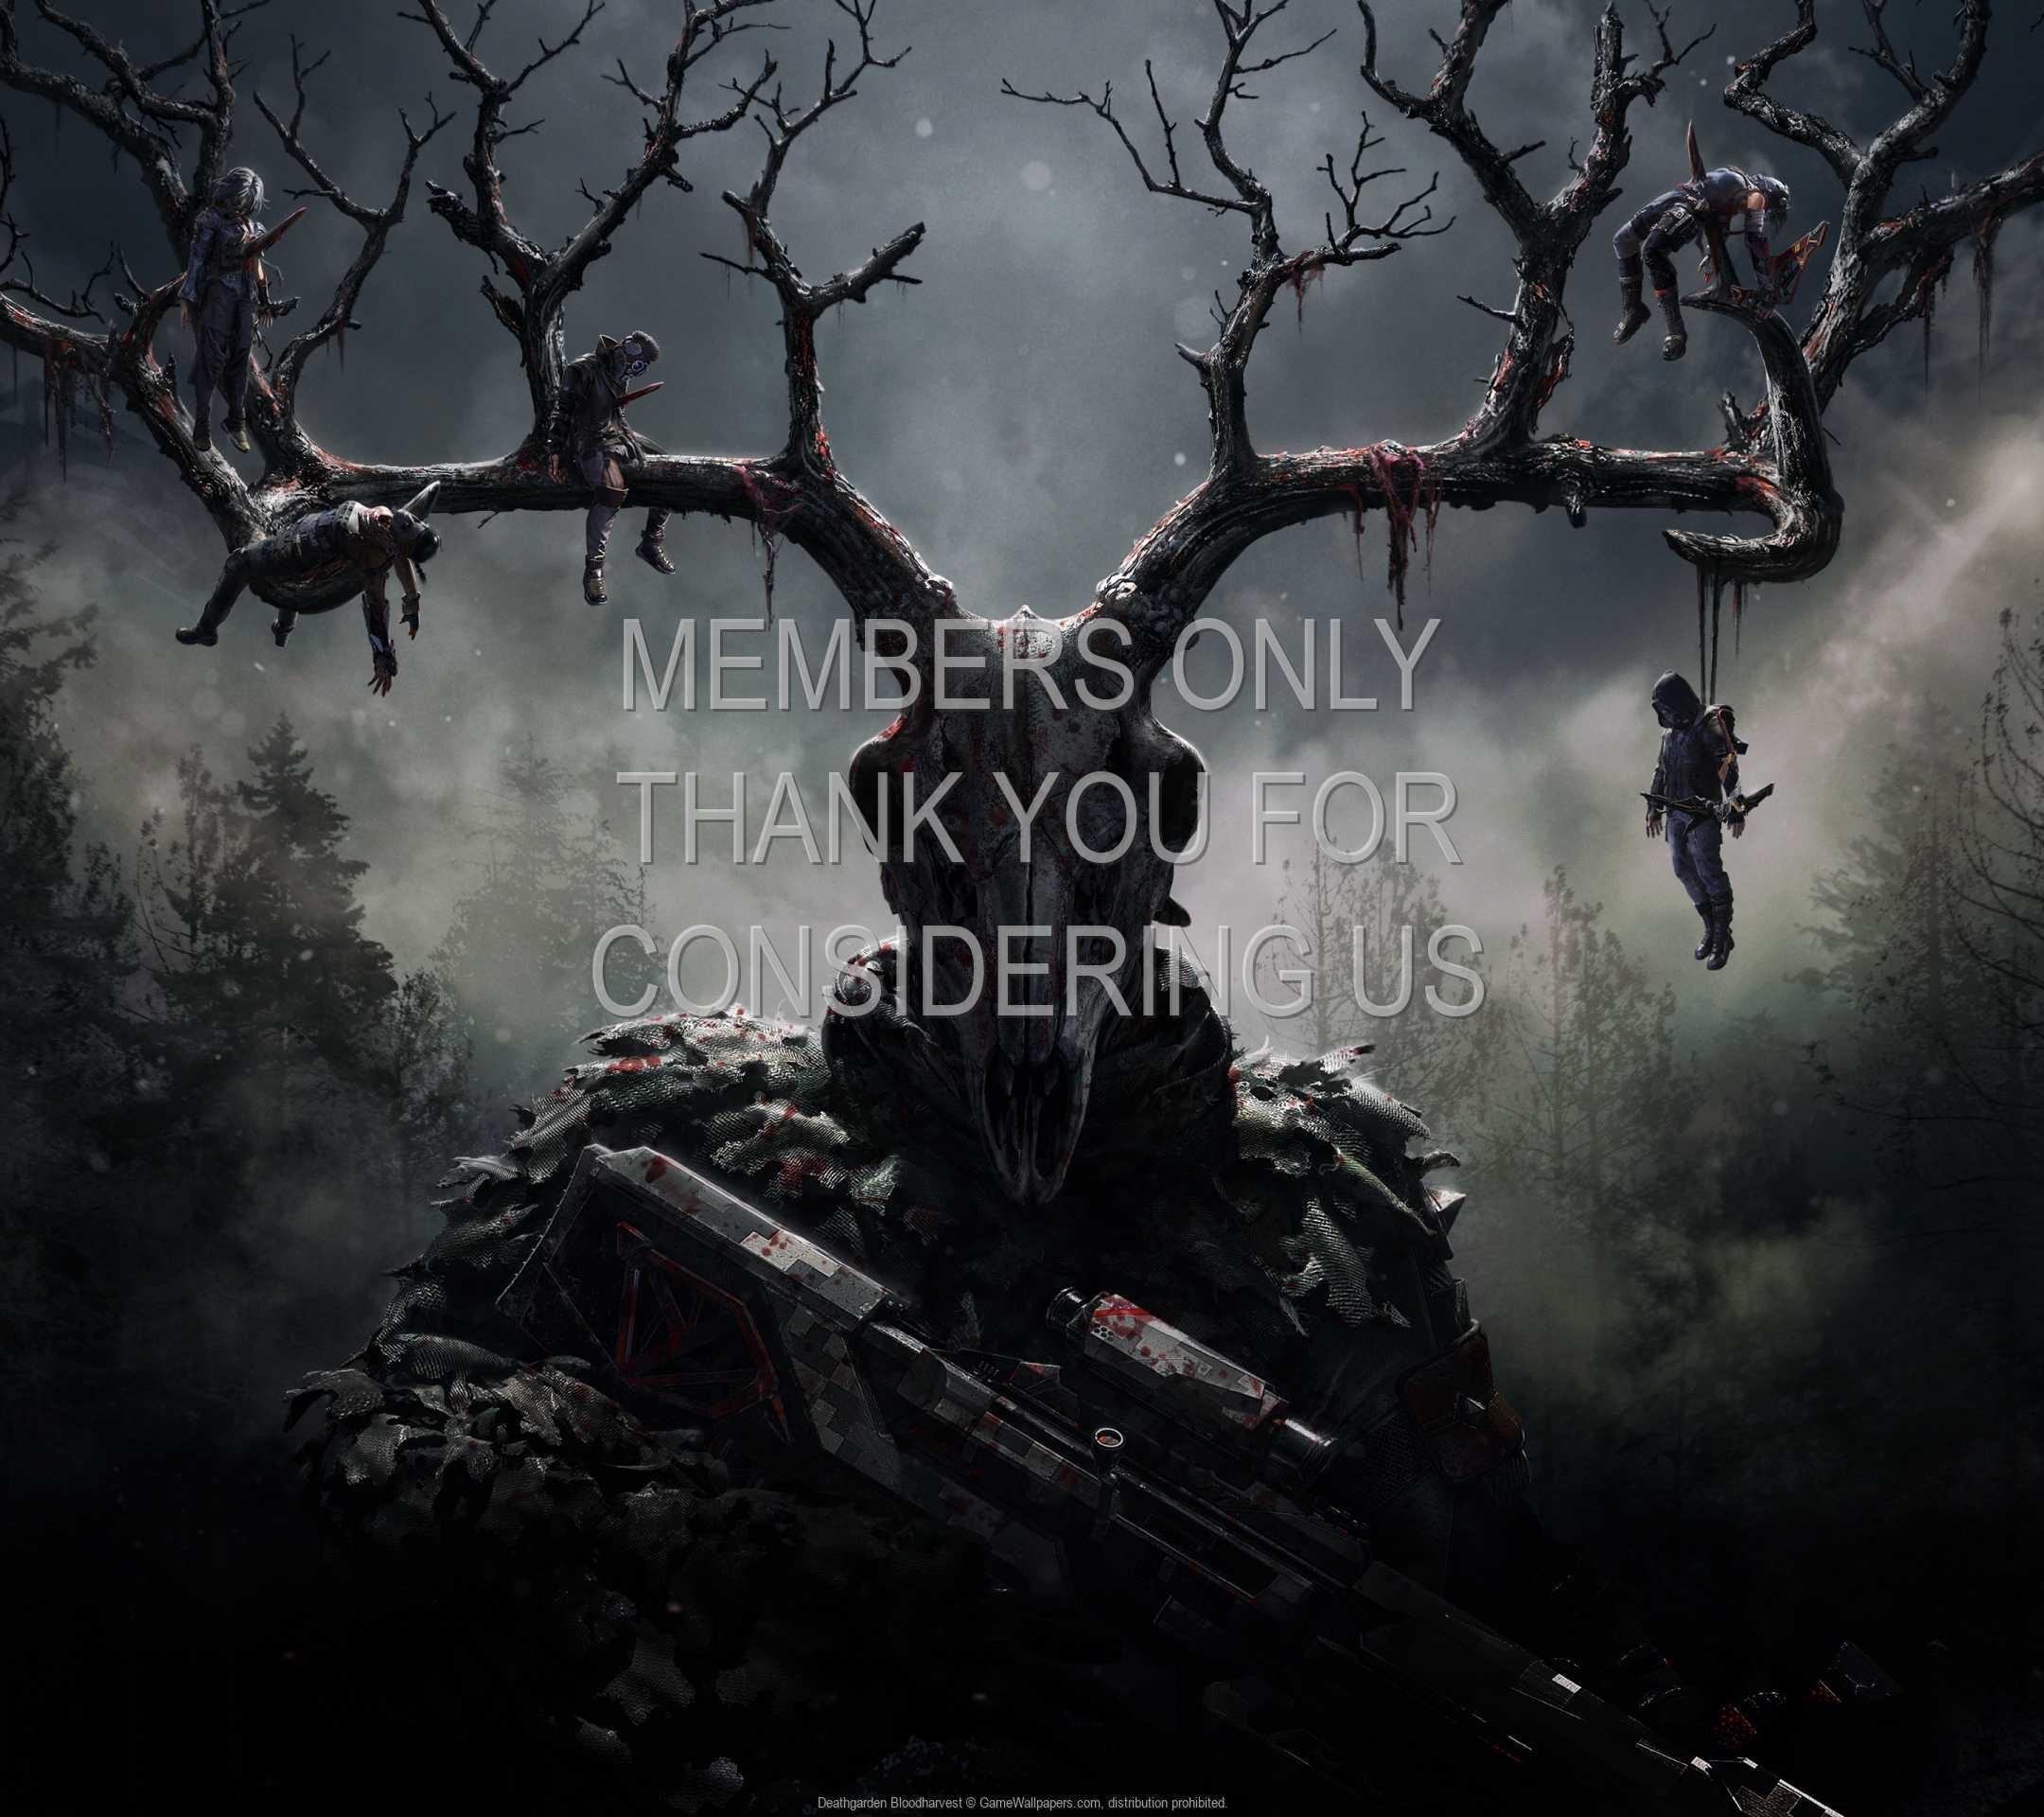 Deathgarden: Bloodharvest 1080p Horizontal Móvil fondo de escritorio 01